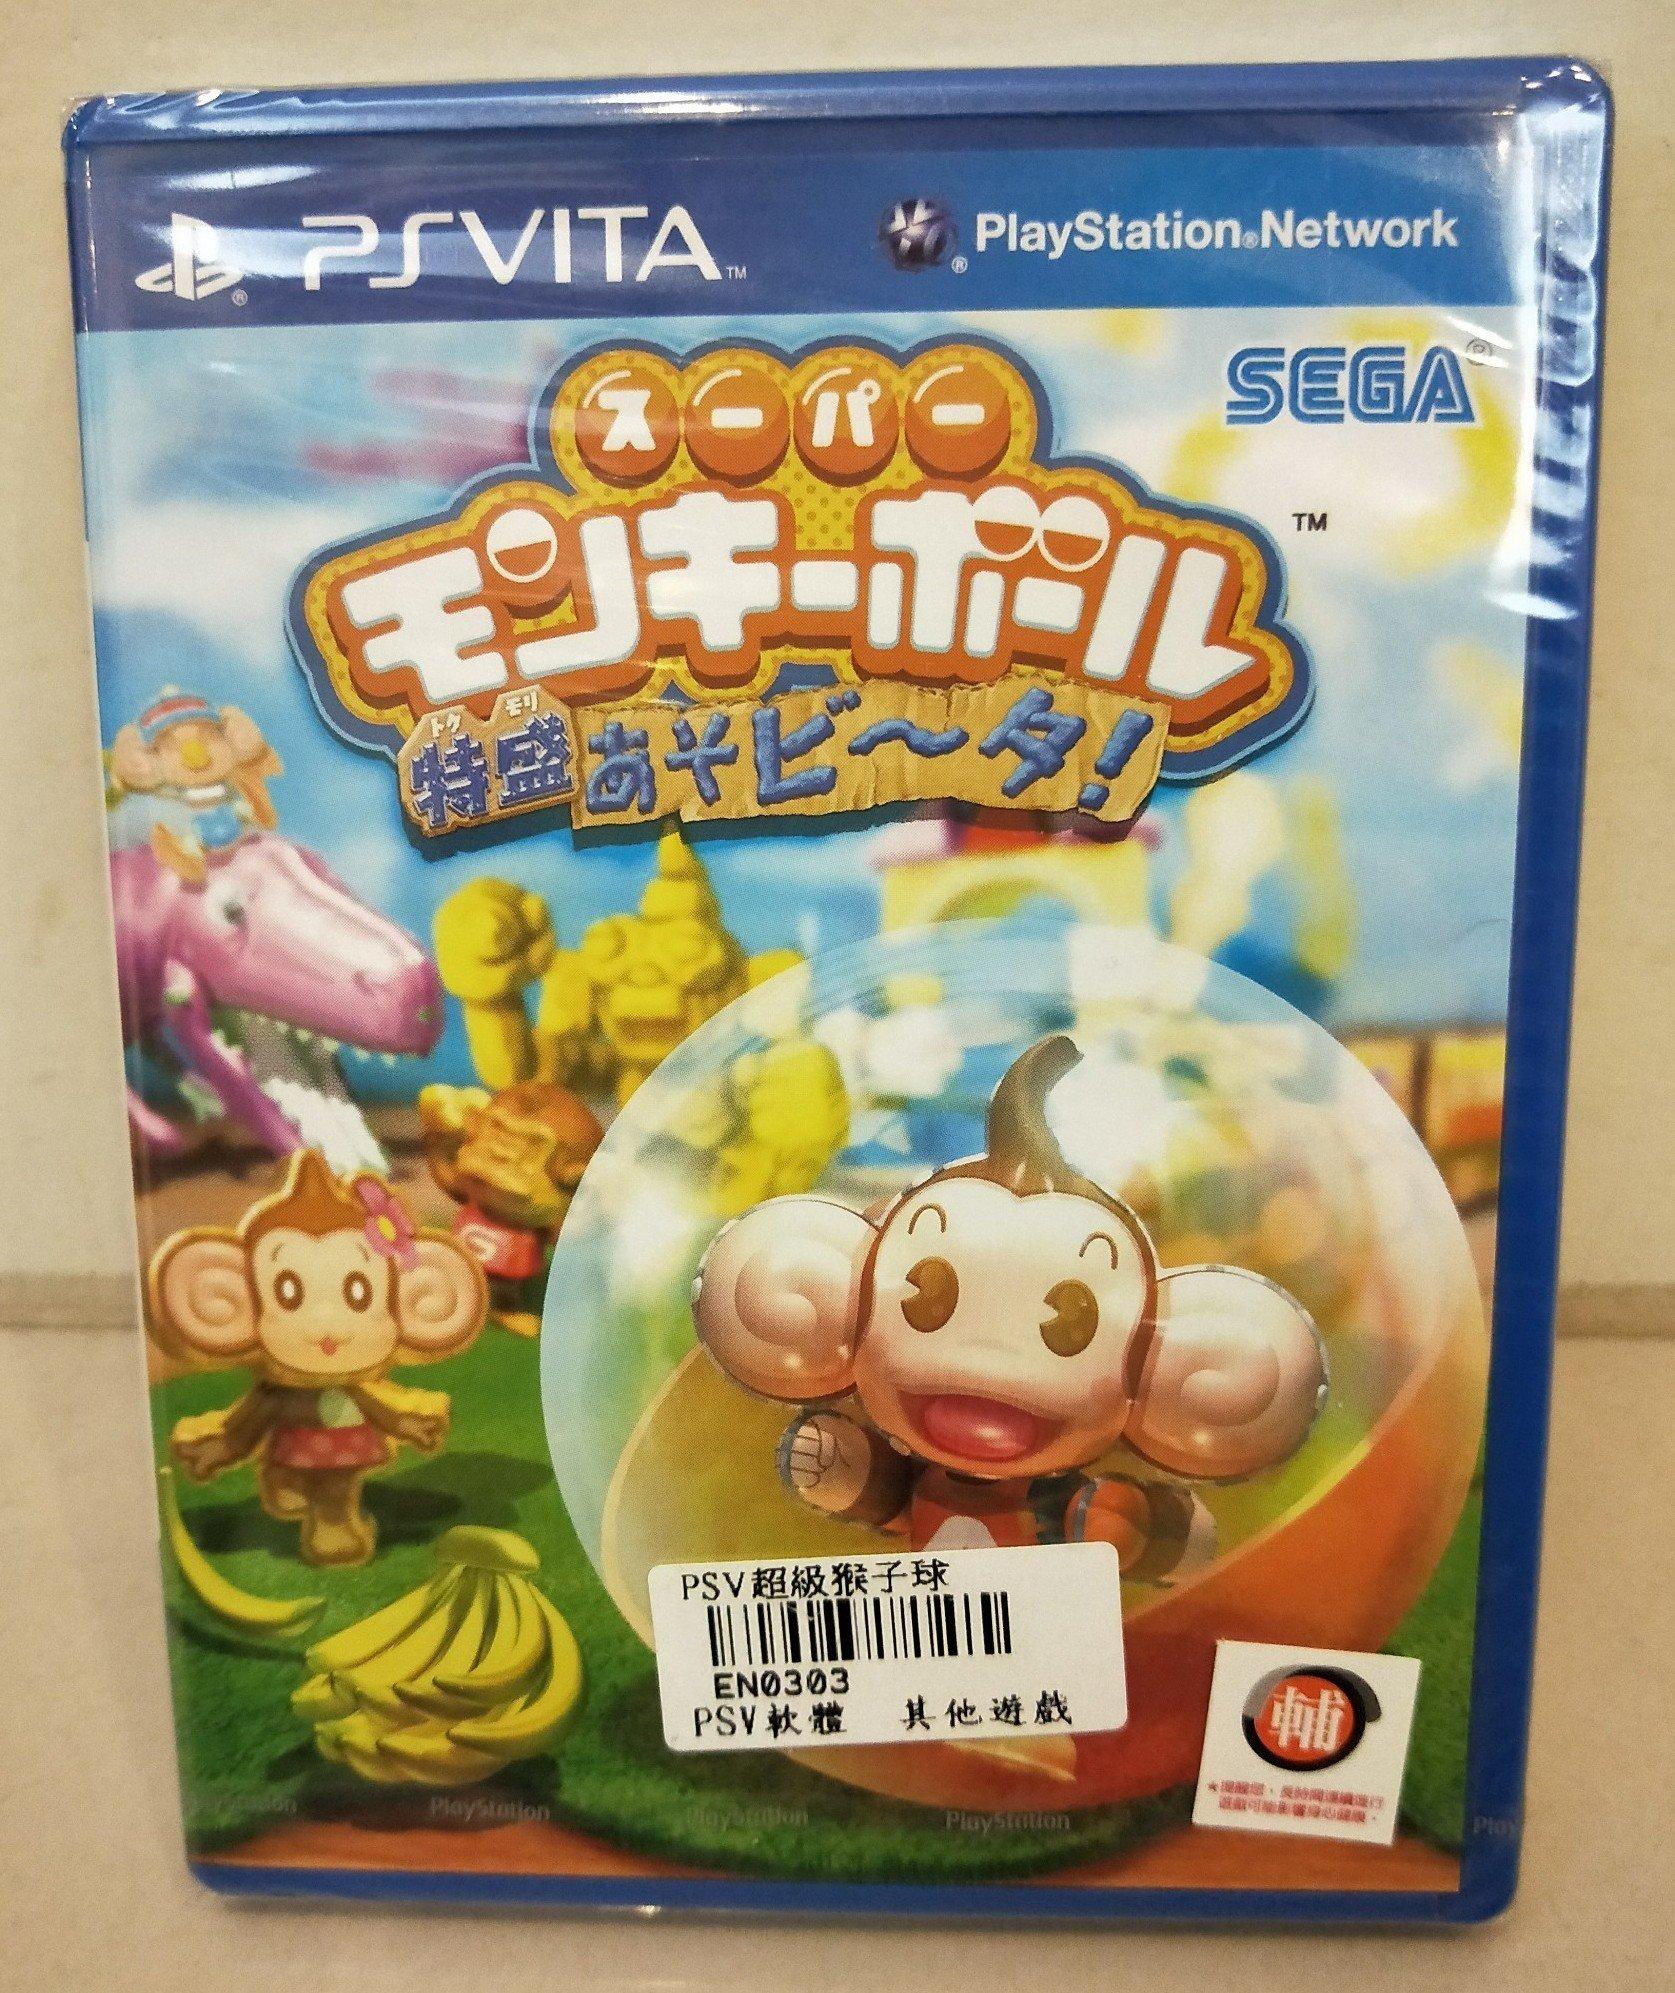 【全新未拆】 PS Vita Sony 掌機 超級猴子球 豪華版 日文版 $550